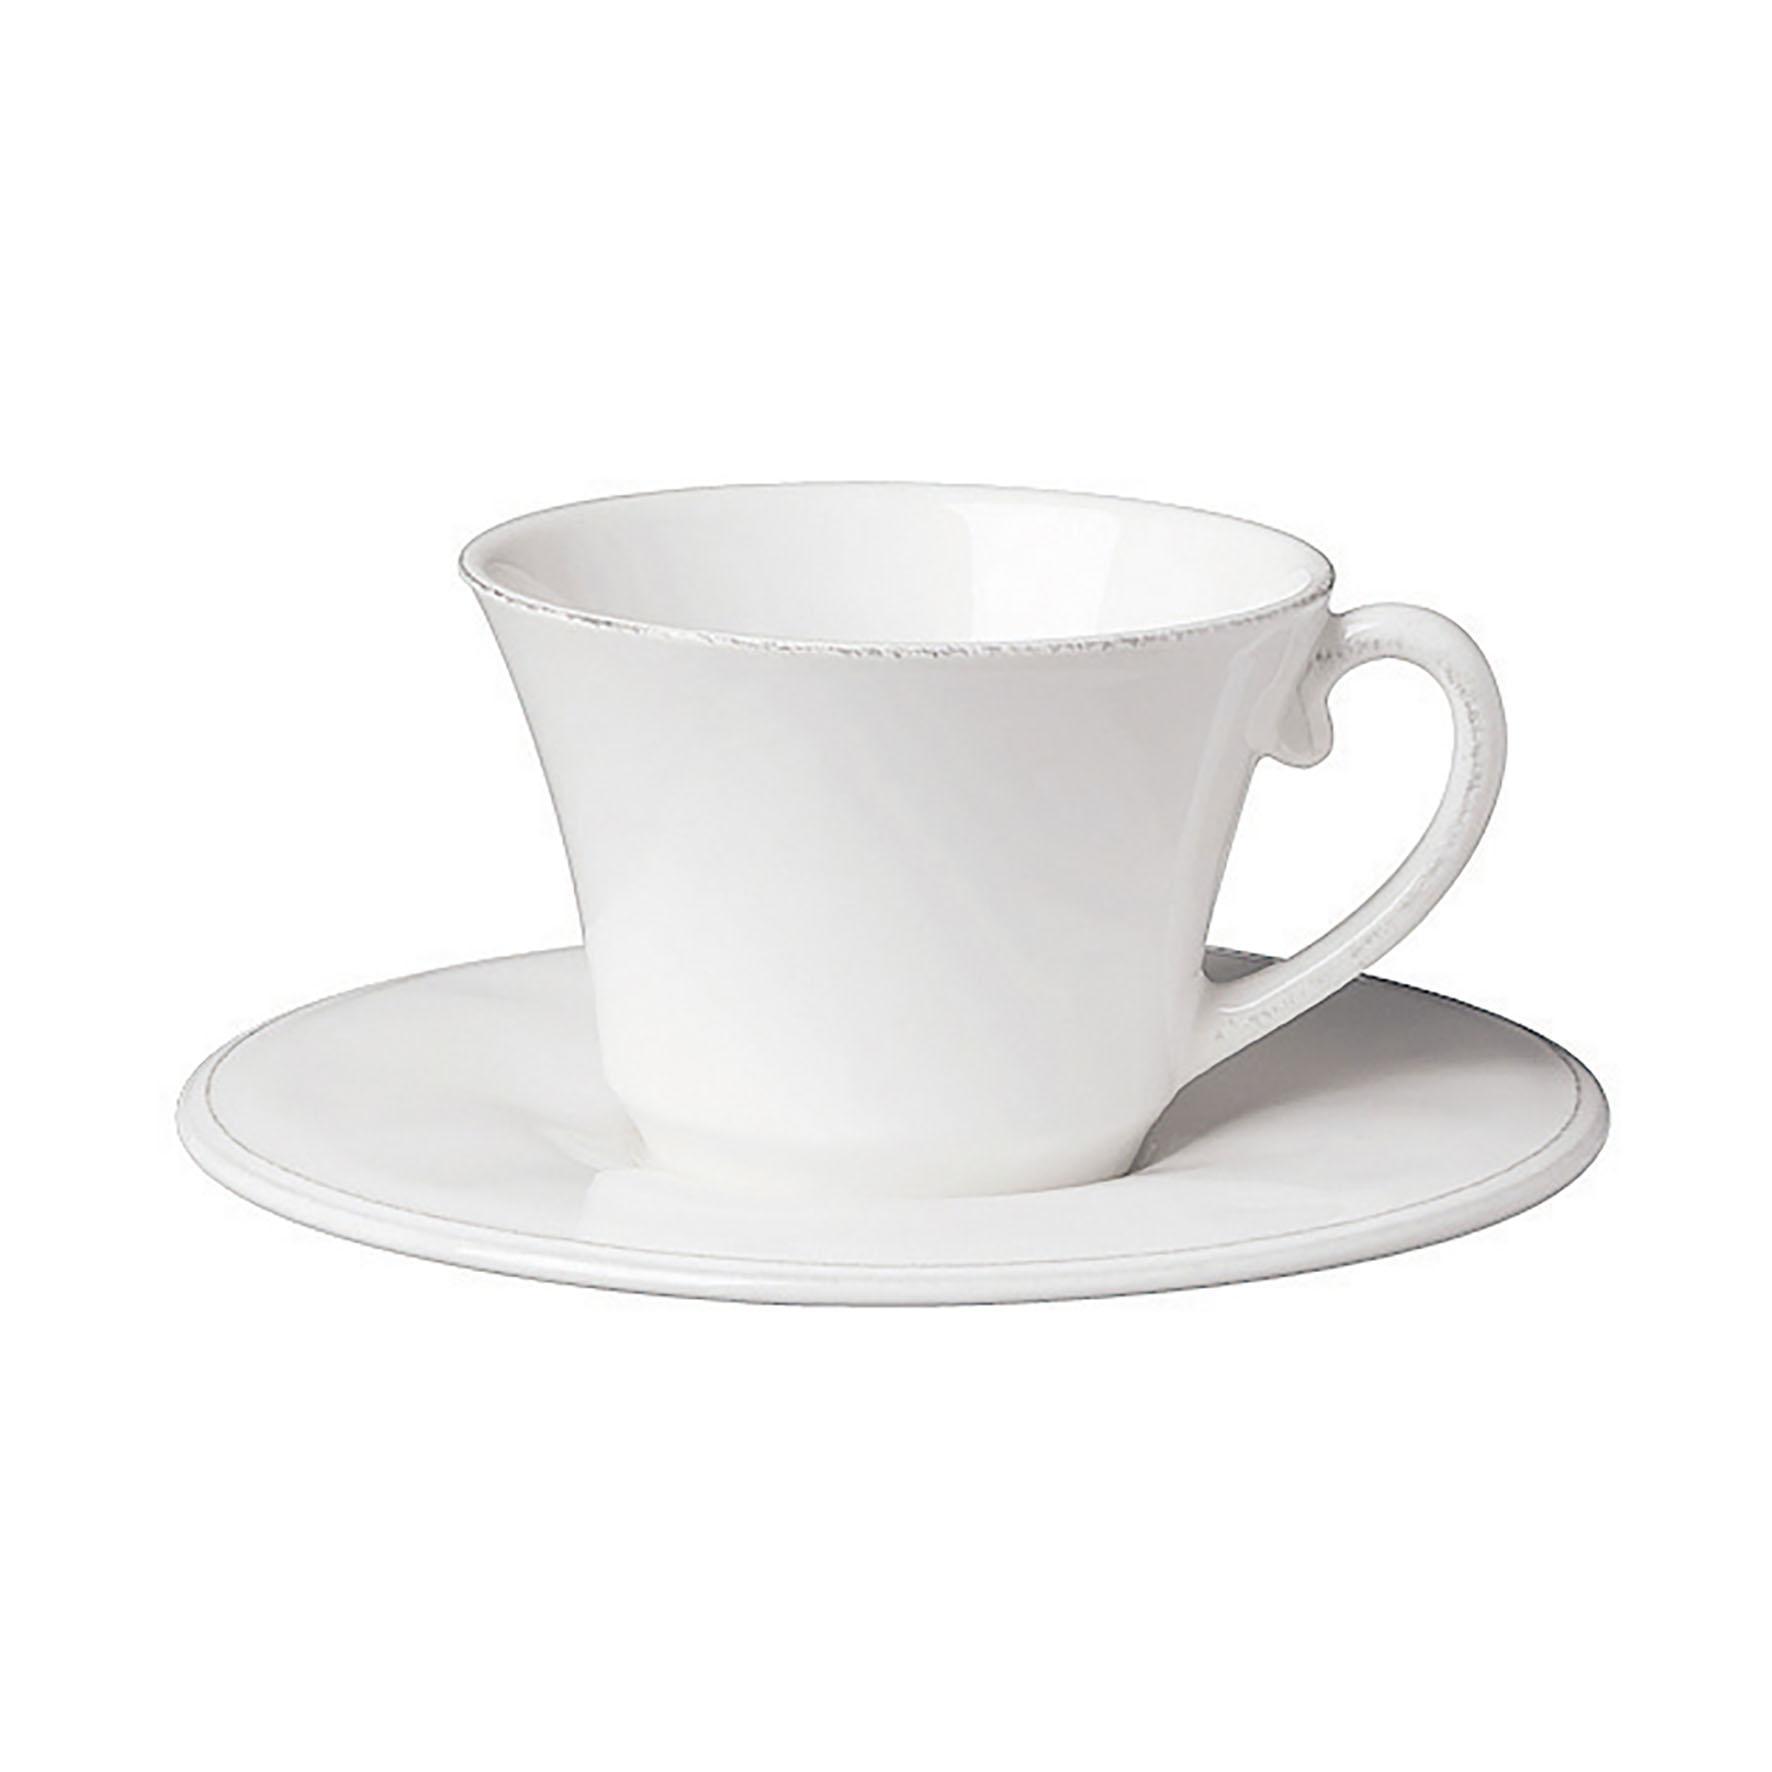 CÔTÉ TABLE Šálek s podšálkem Constance white, bílá barva, keramika